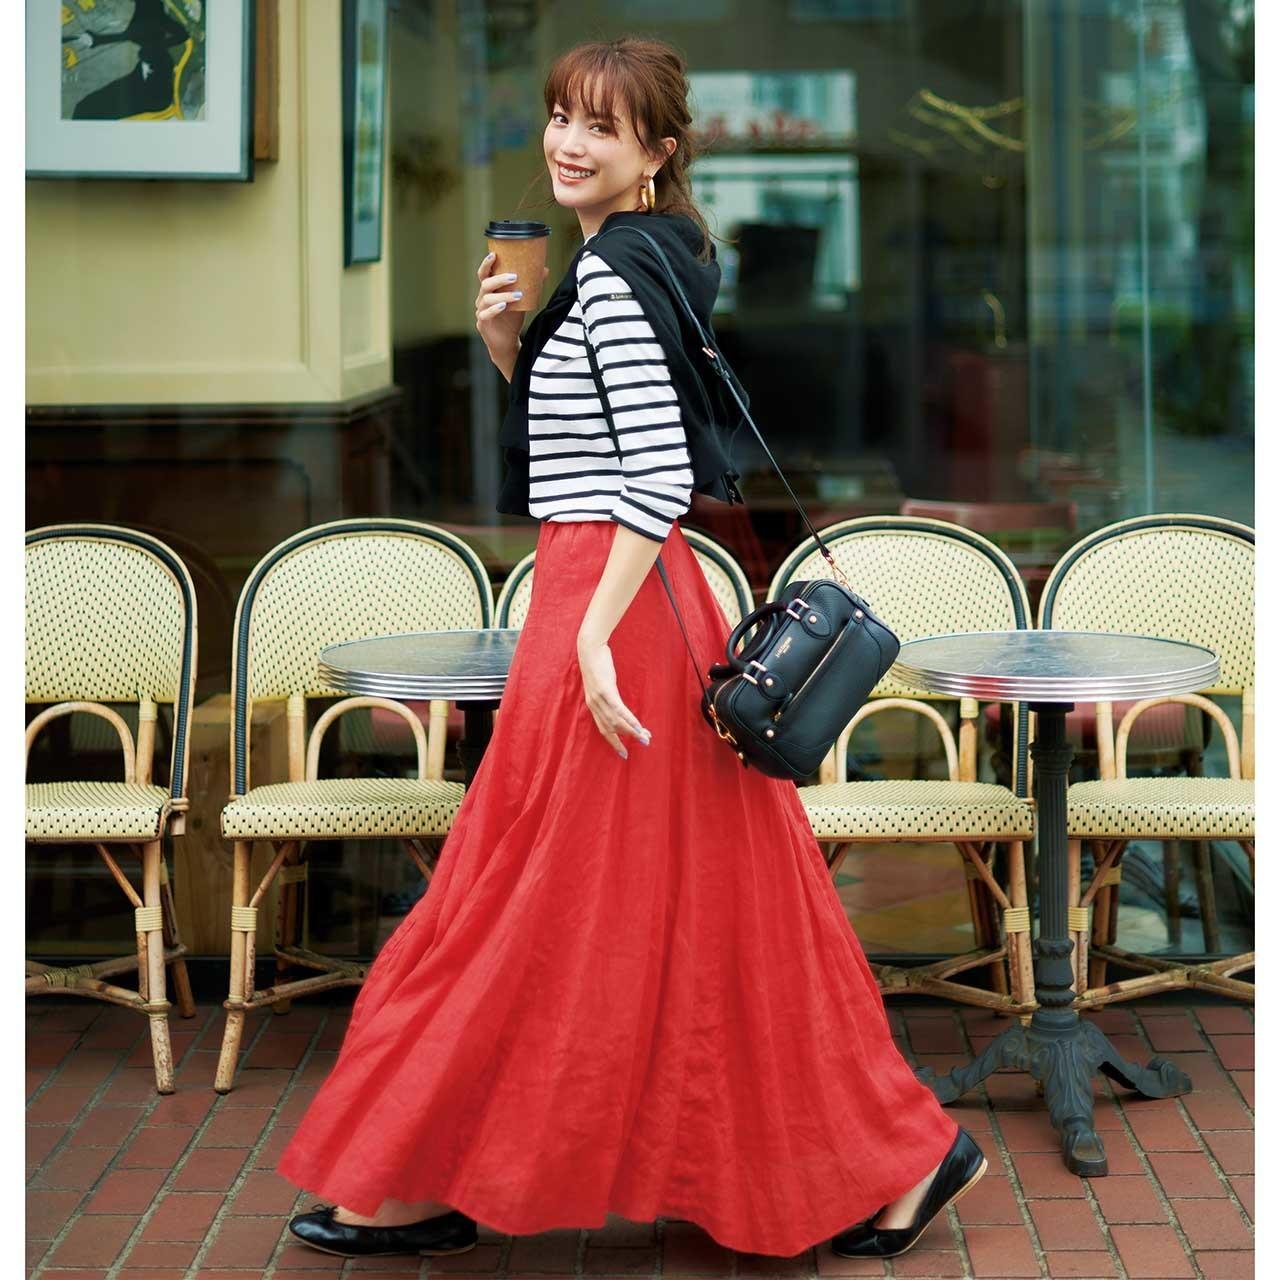 ボーダーカットソー×朱赤のロングスカートコーデ